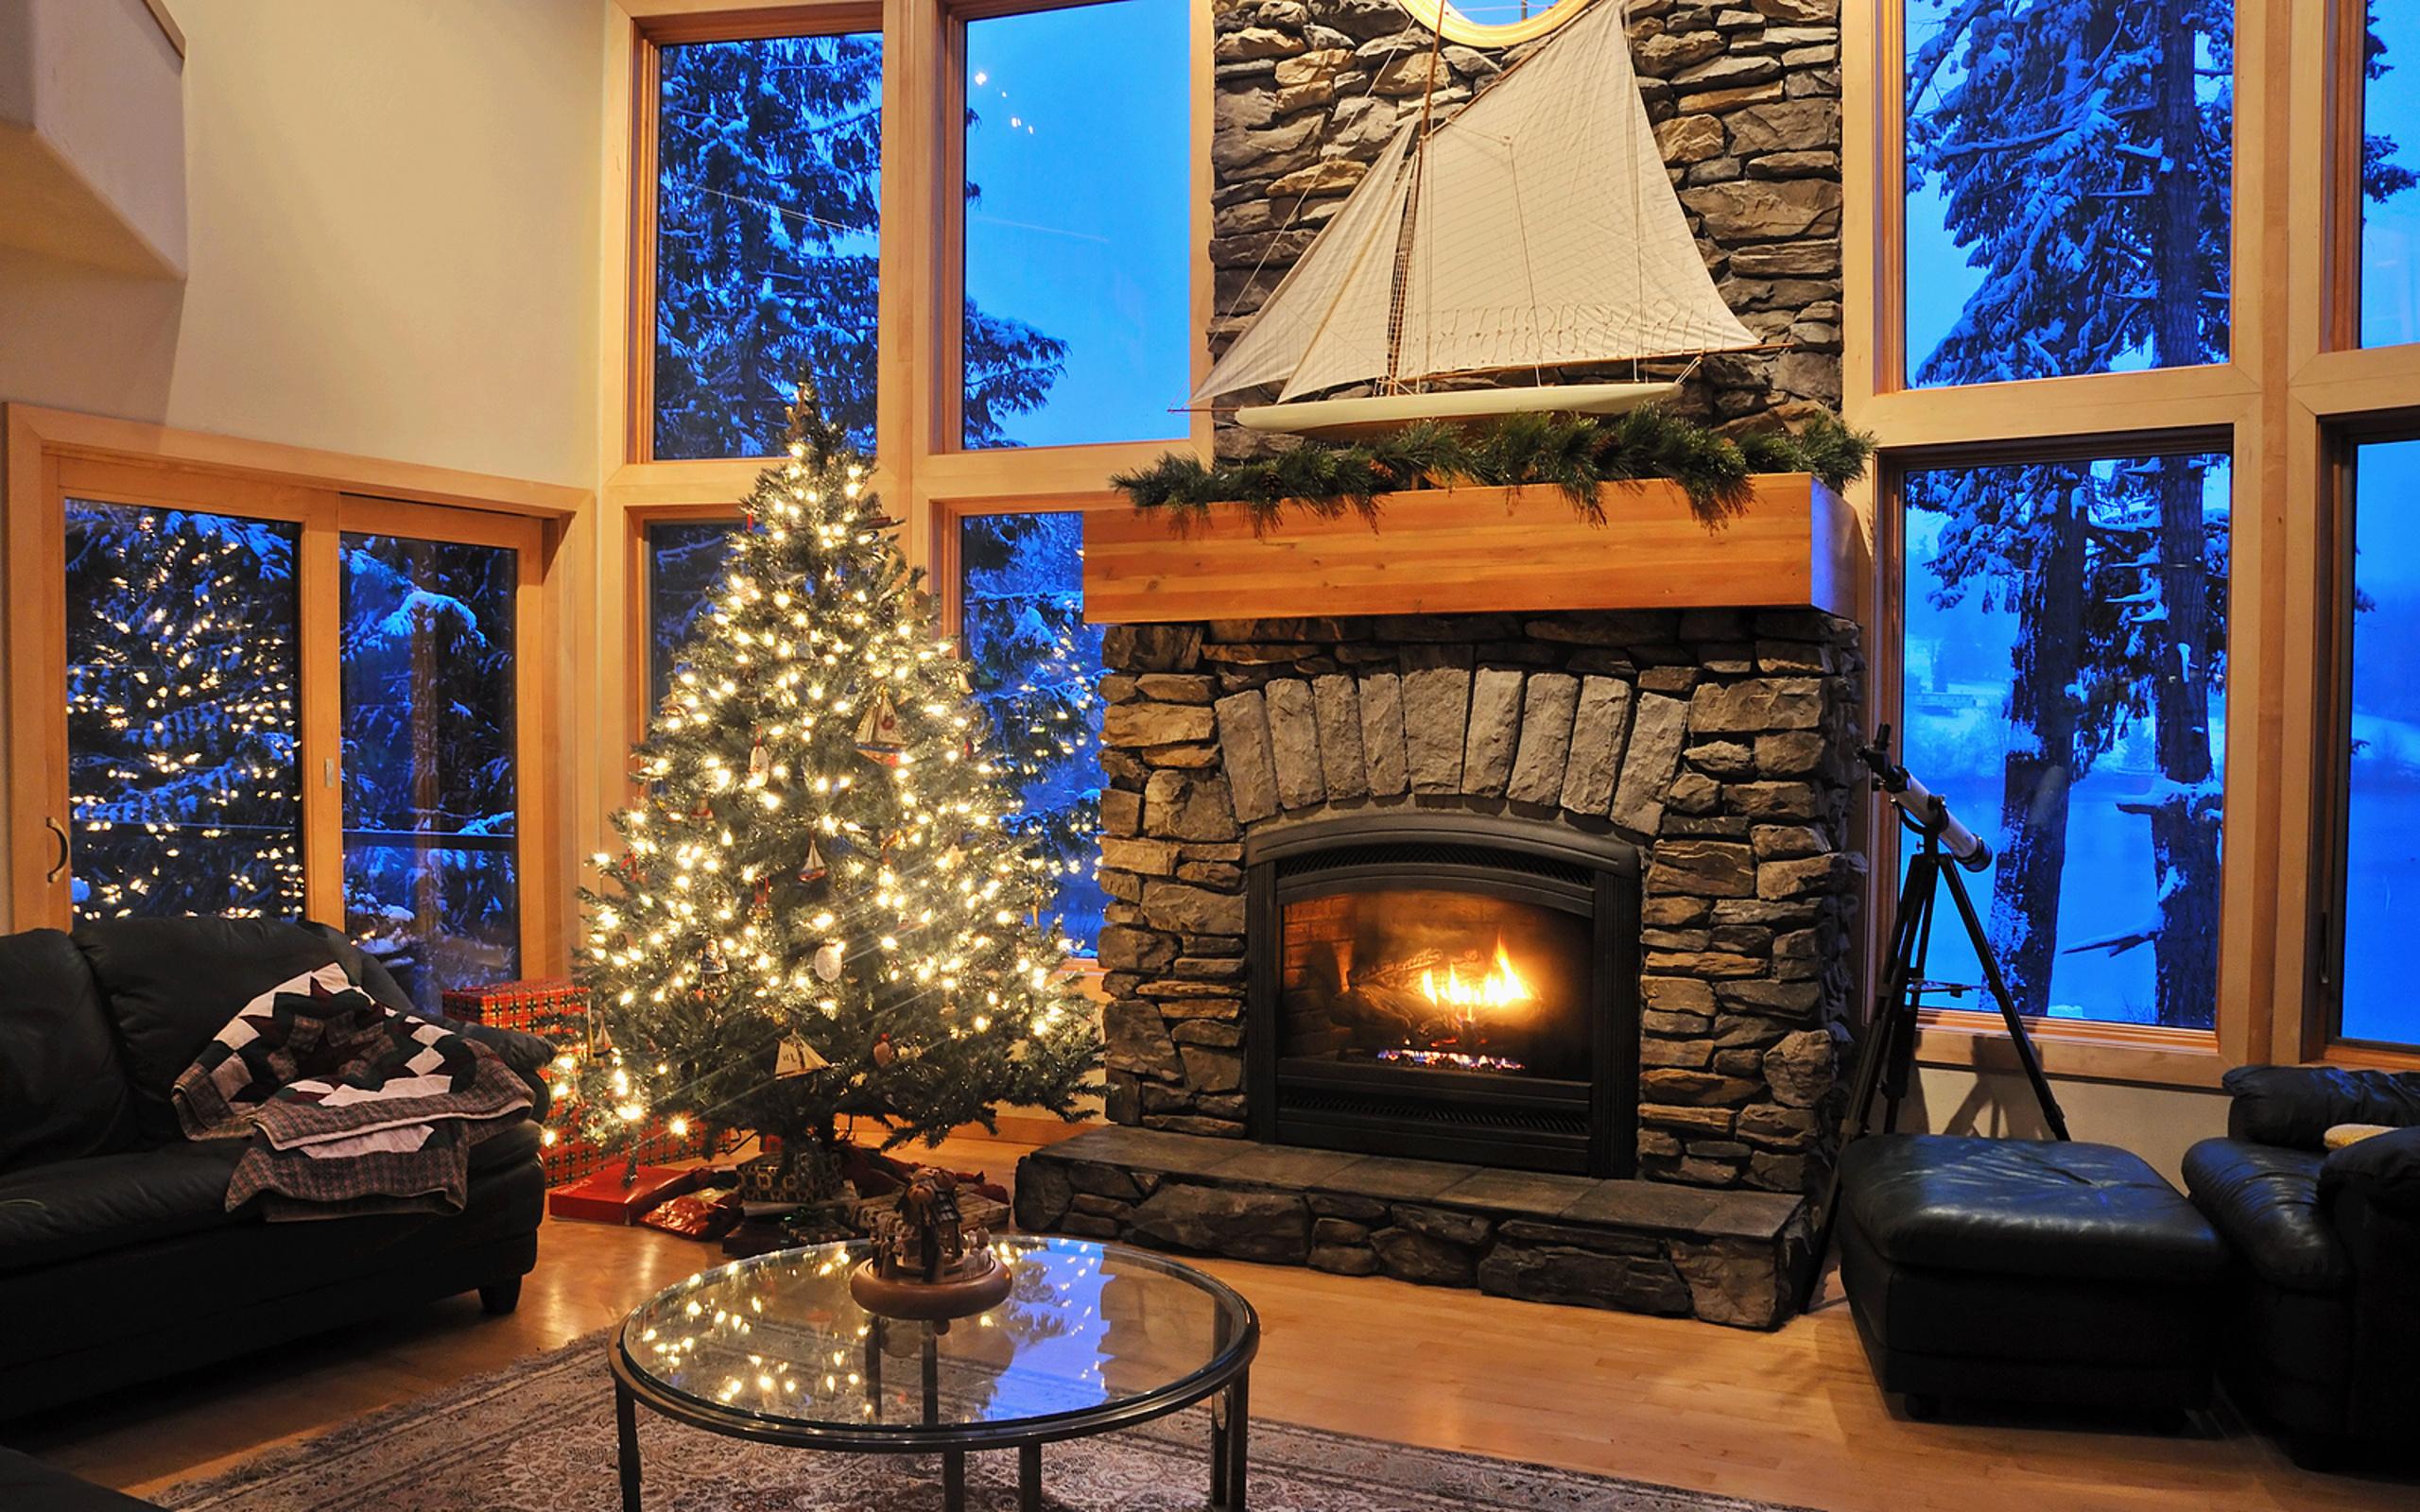 картинки с елкой и камином в доме фото нас